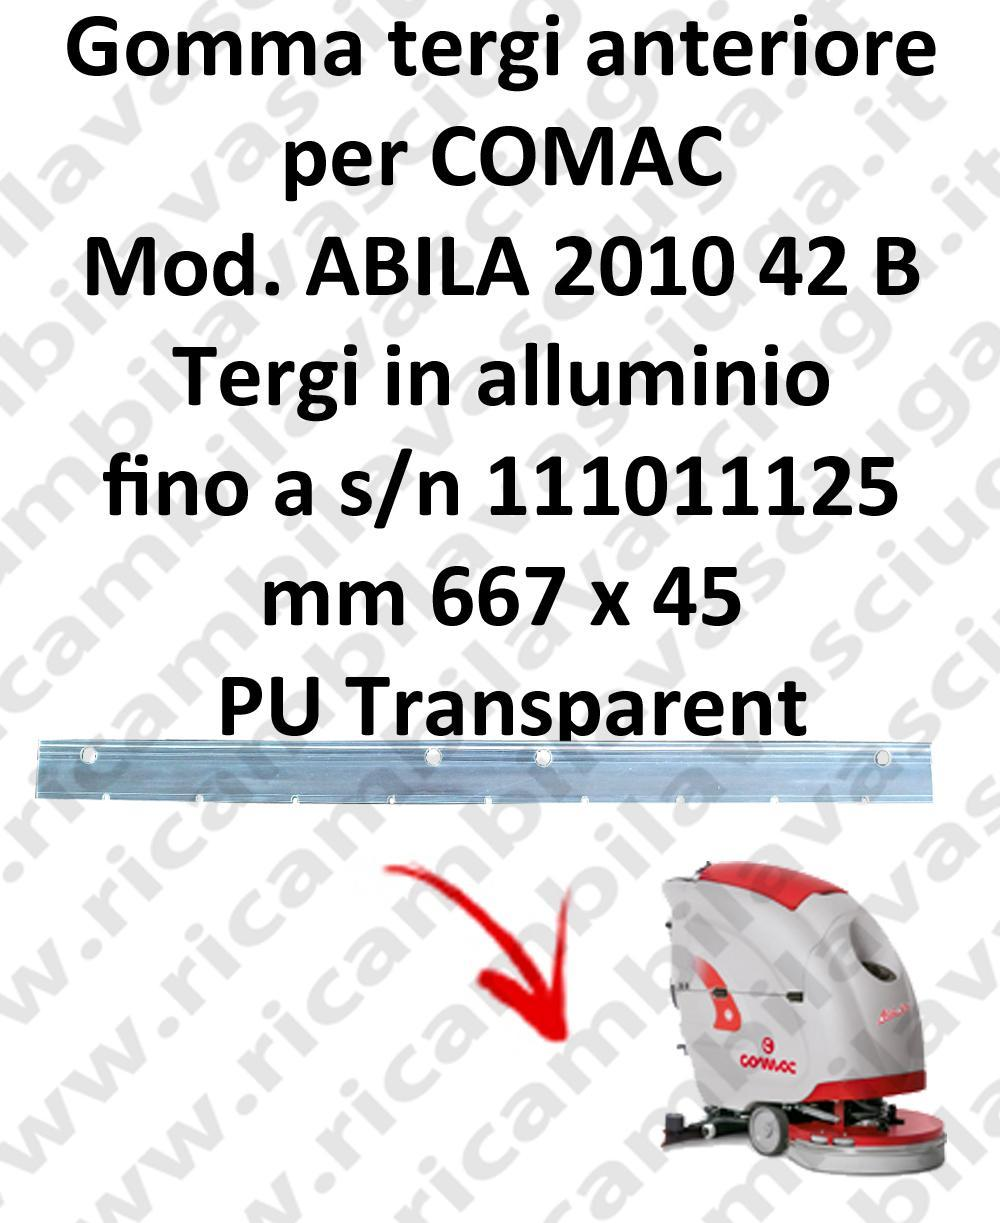 ABILA 2010 42 B - BT fino a s/n 111011125 goma de secado delantera para COMAC repuestos fregadoras squeegee